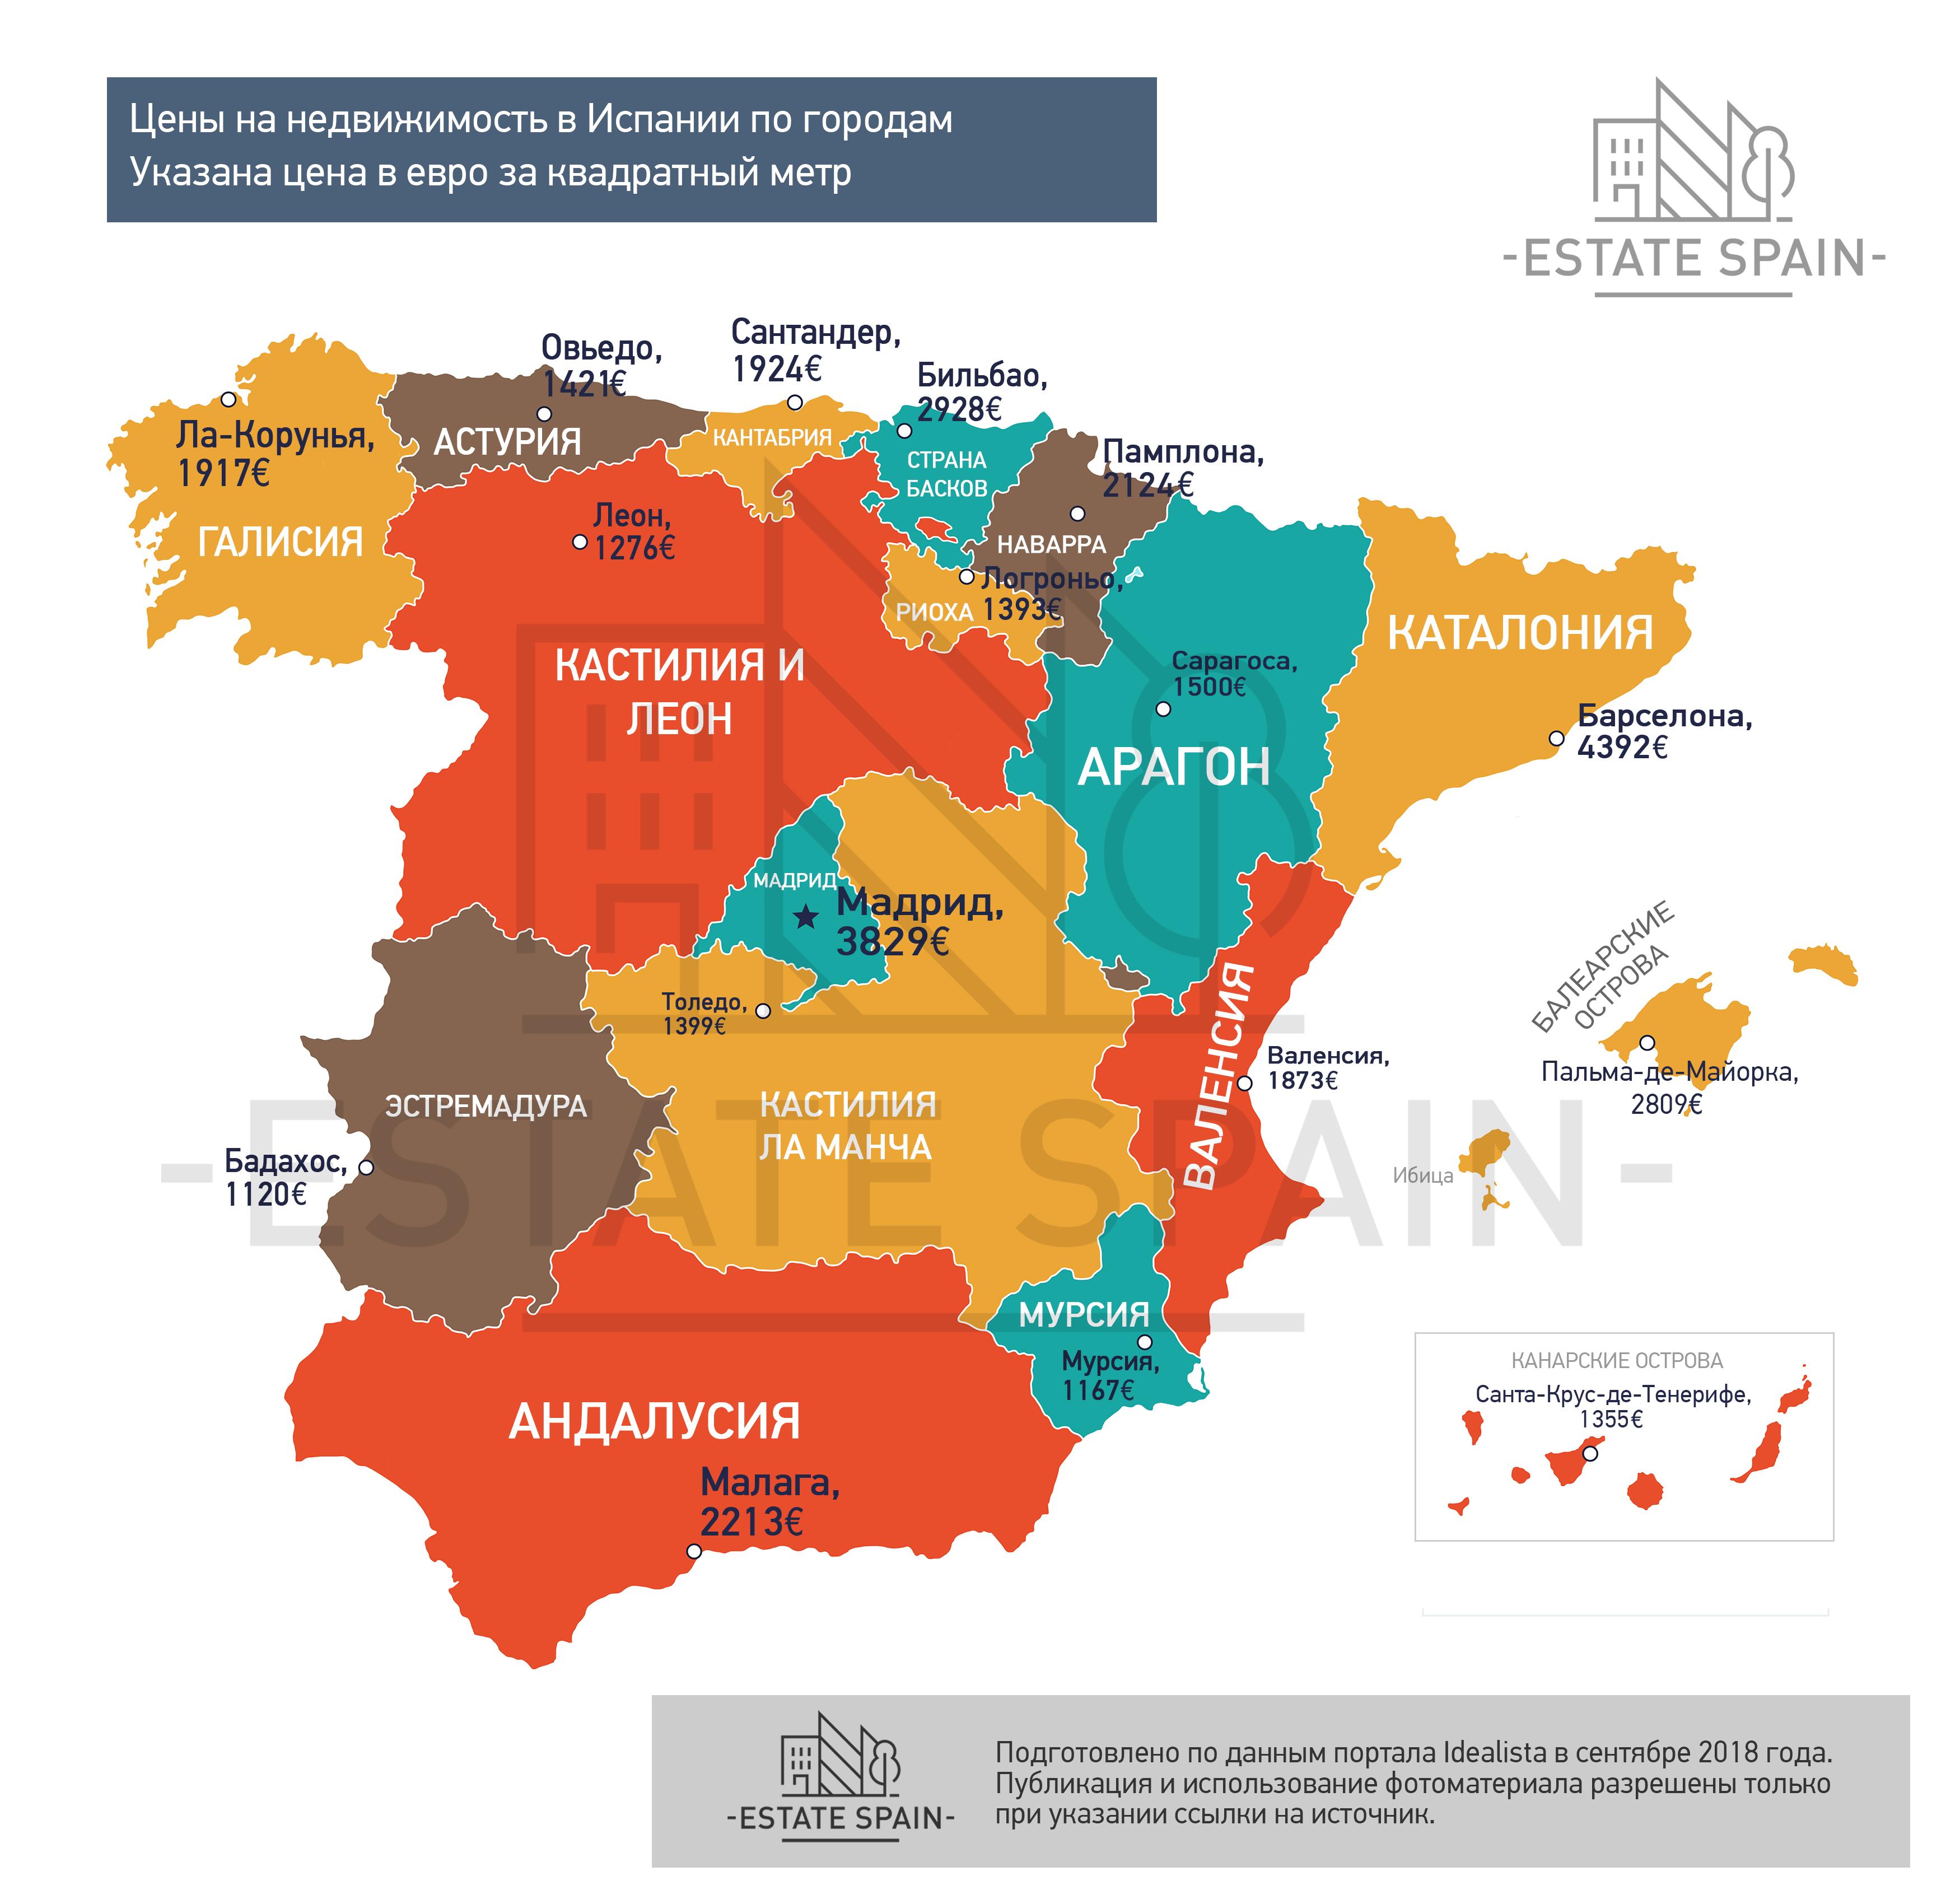 Стоимость жилья в испании продажа недвижимости сша